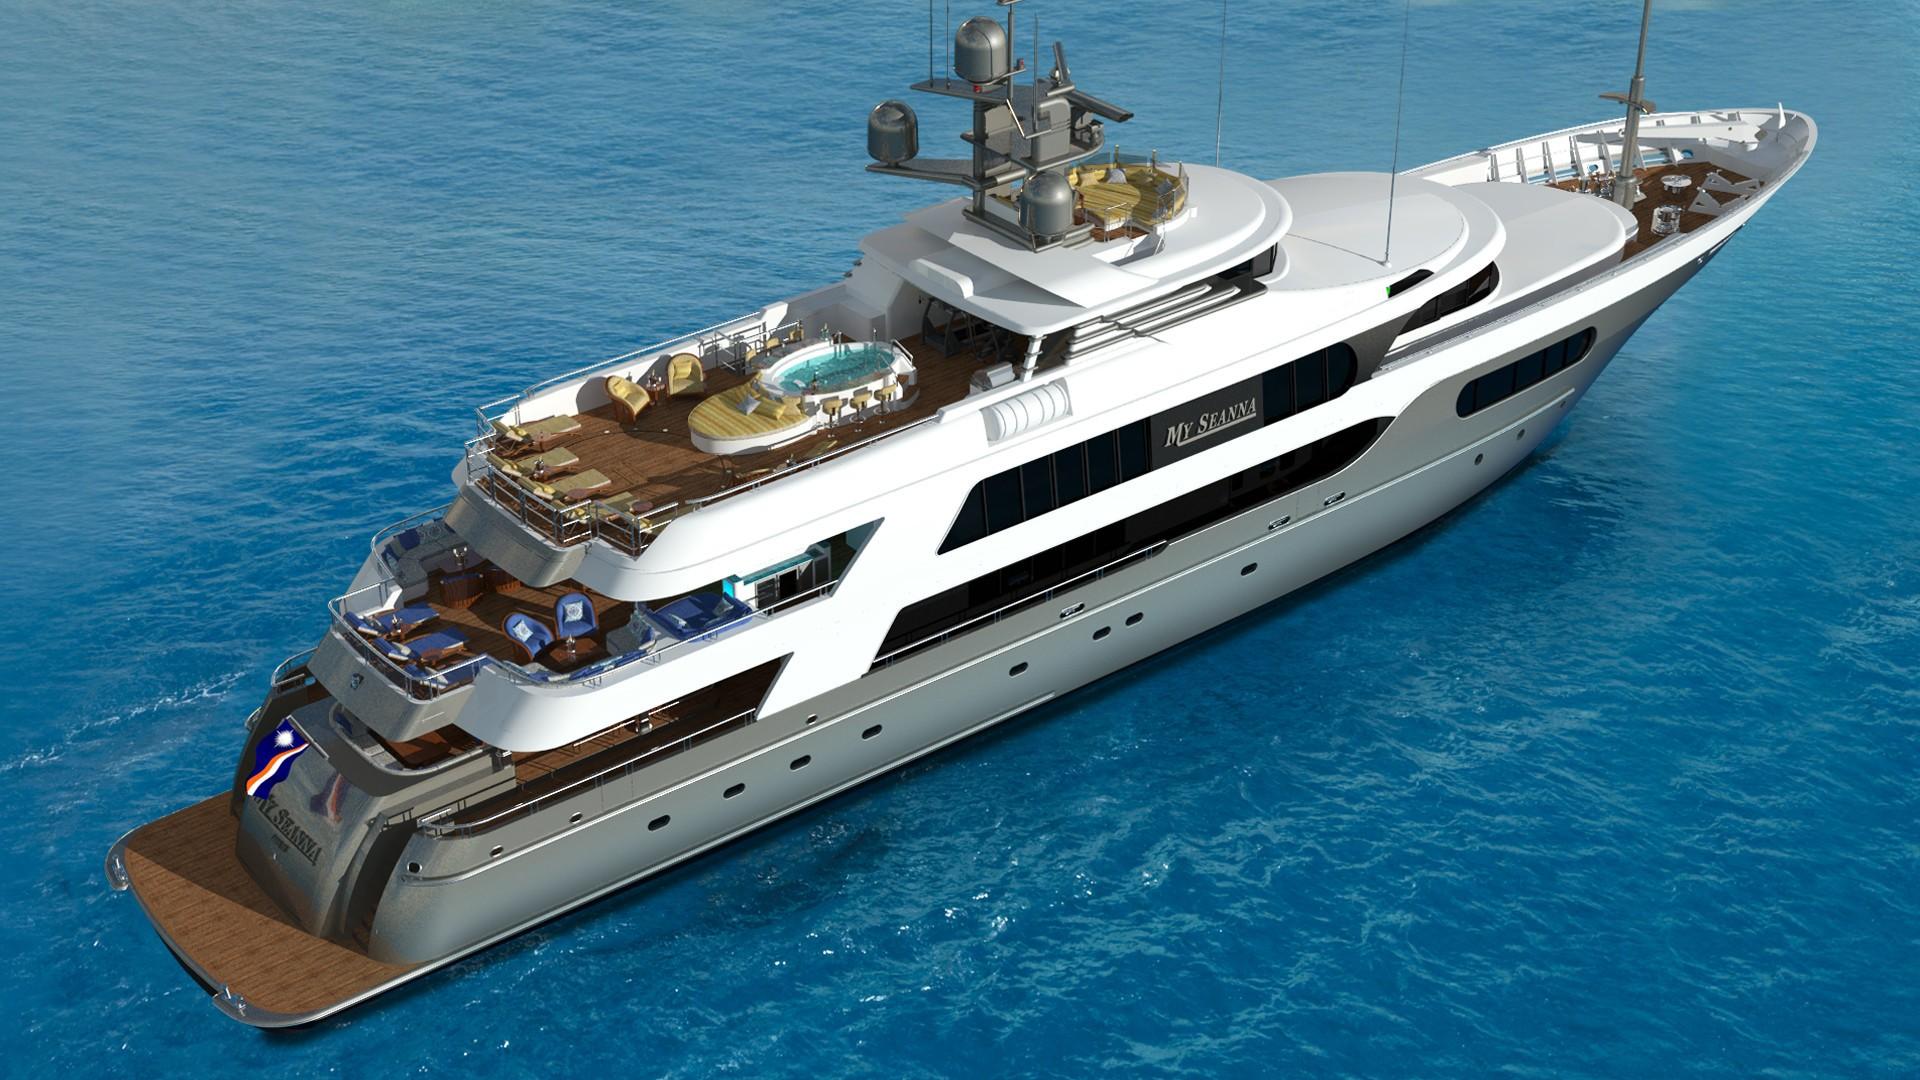 The 56m Yacht MY SEANNA